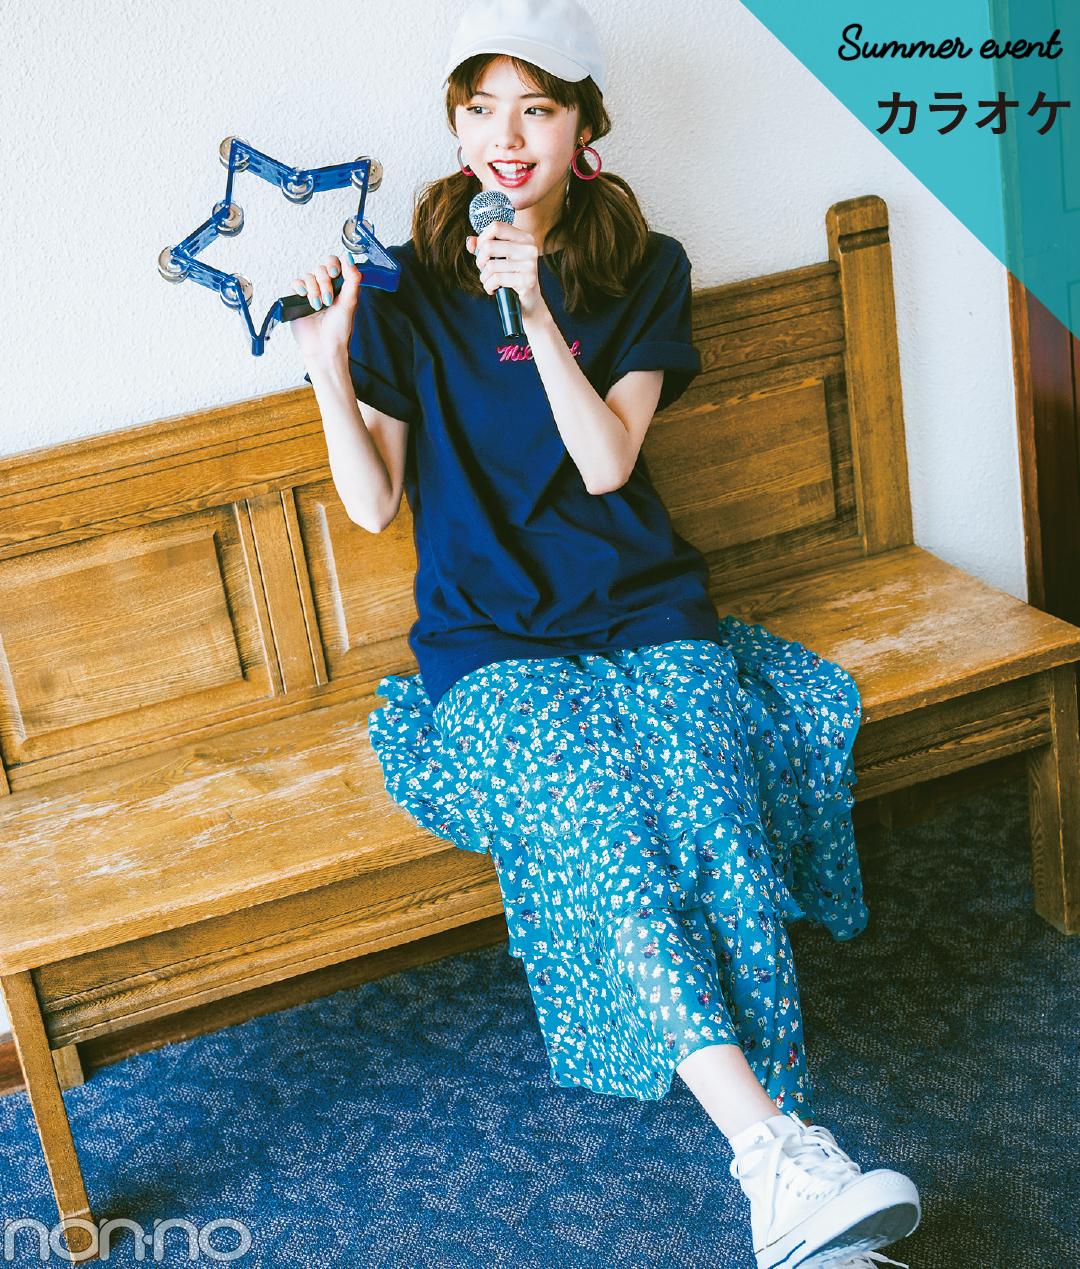 夏色プチプラ★ロングスカート、今買い足してもこんなに着回せる実例&カタログ!_1_3-3